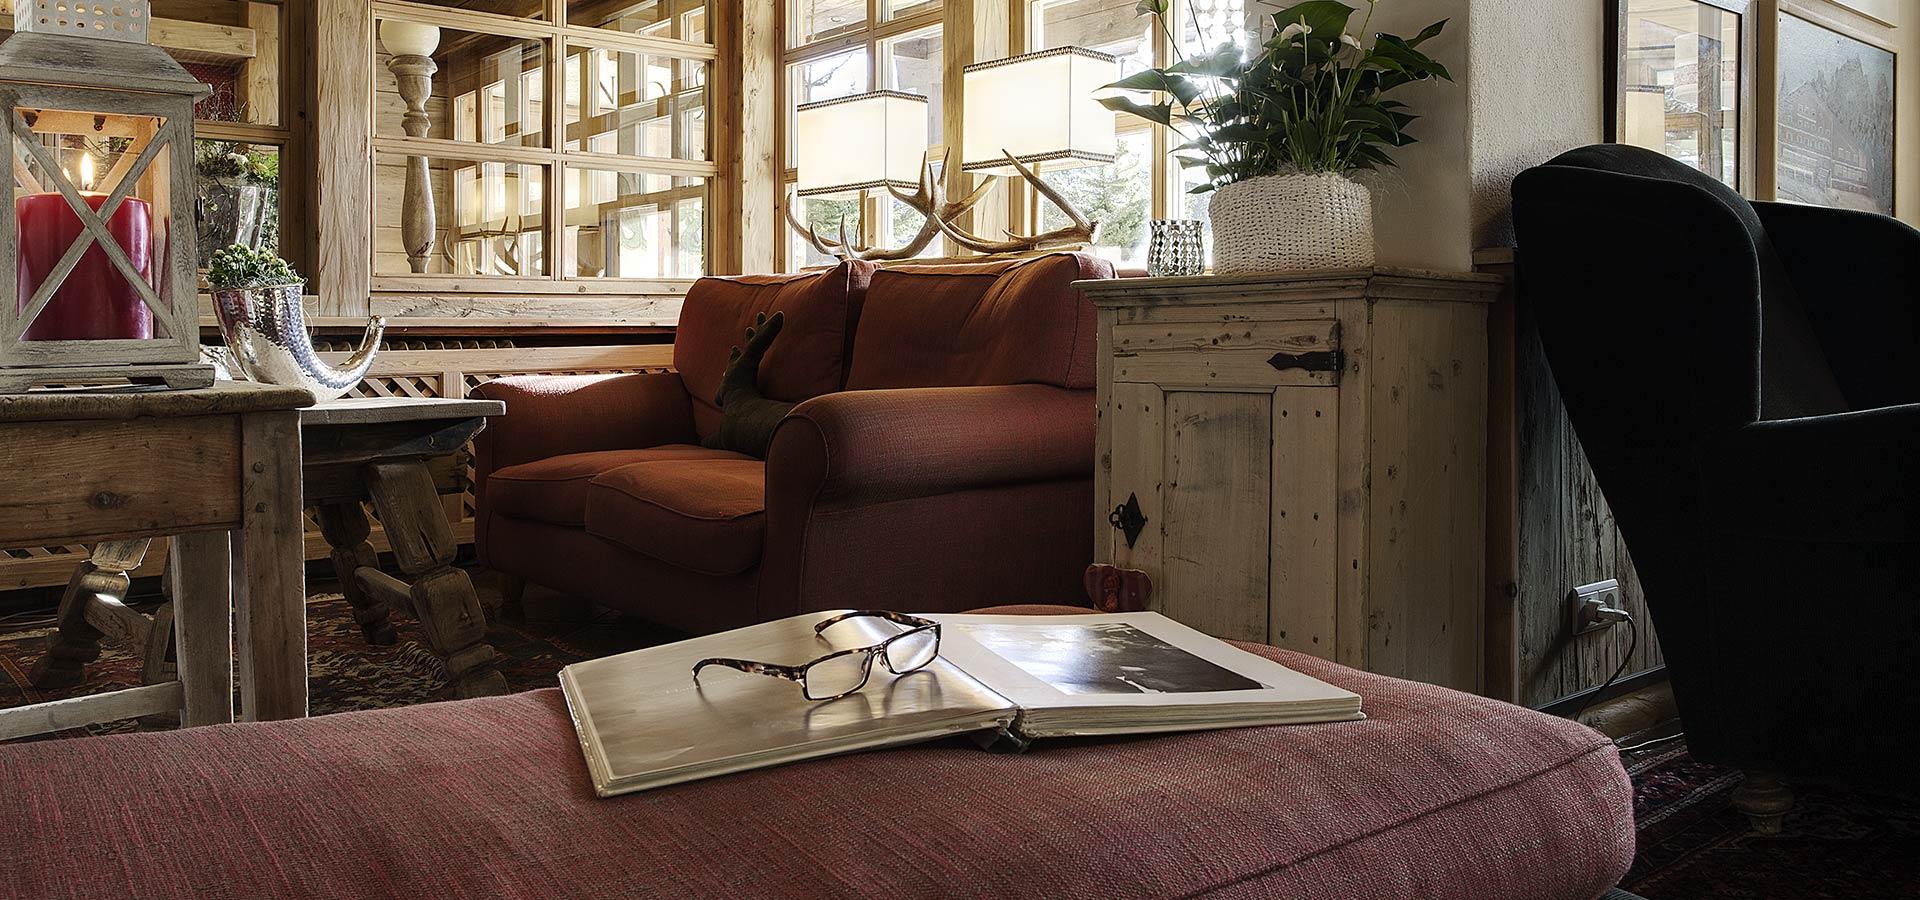 hotel-dettaglio-divani